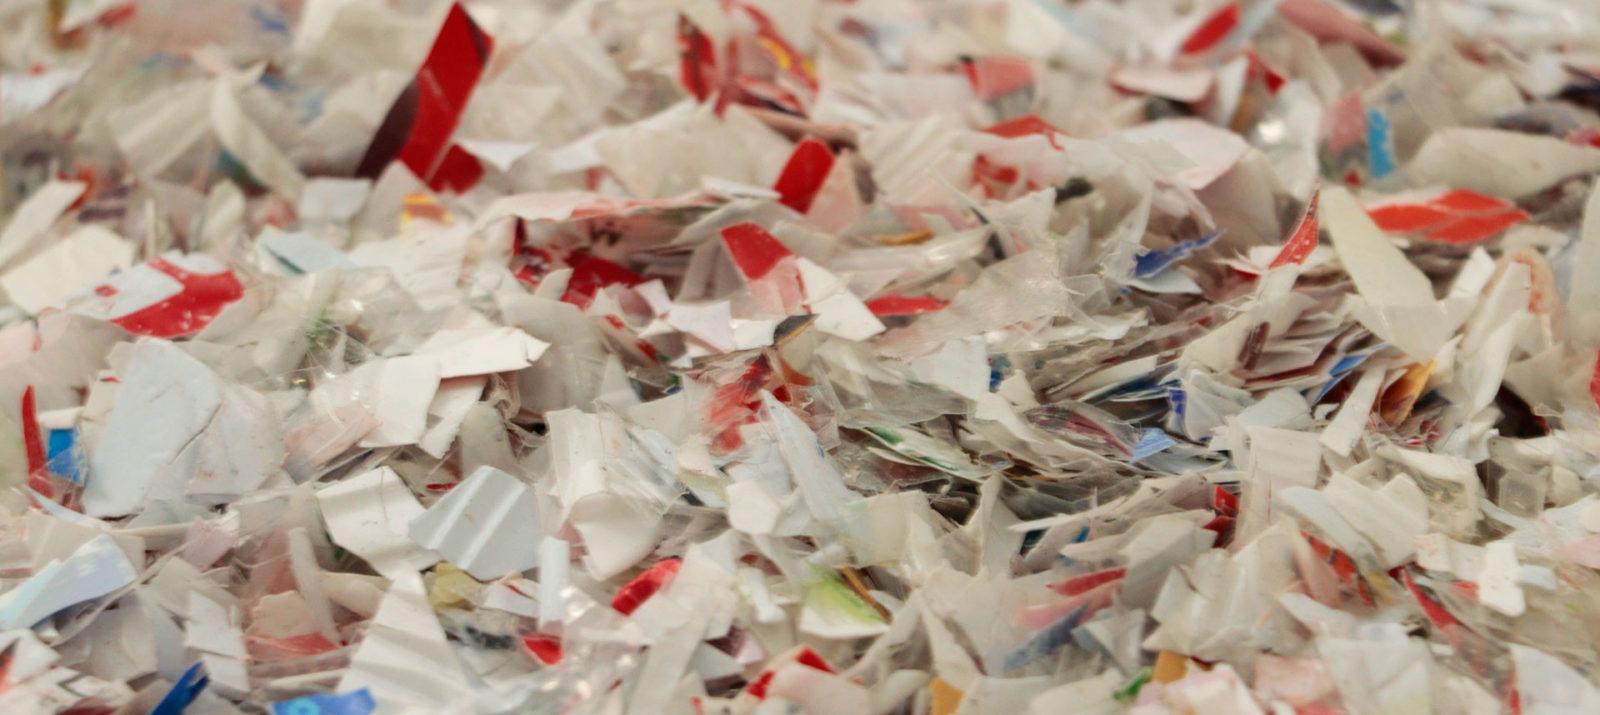 Voltoplast Reciclagem - MOAGEM / TRITURAÇÃO